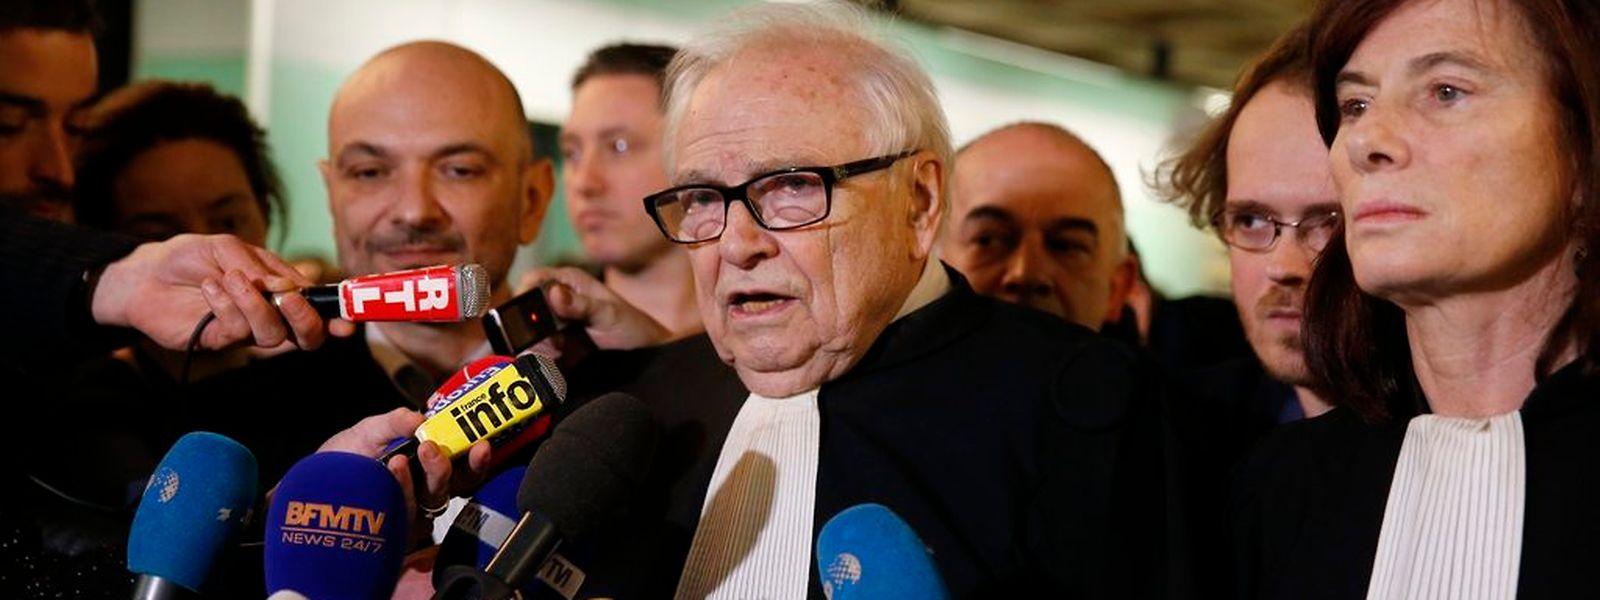 Die Anwälte von Strauss-Kahn fordern Freispruch für ihren Mandanten.